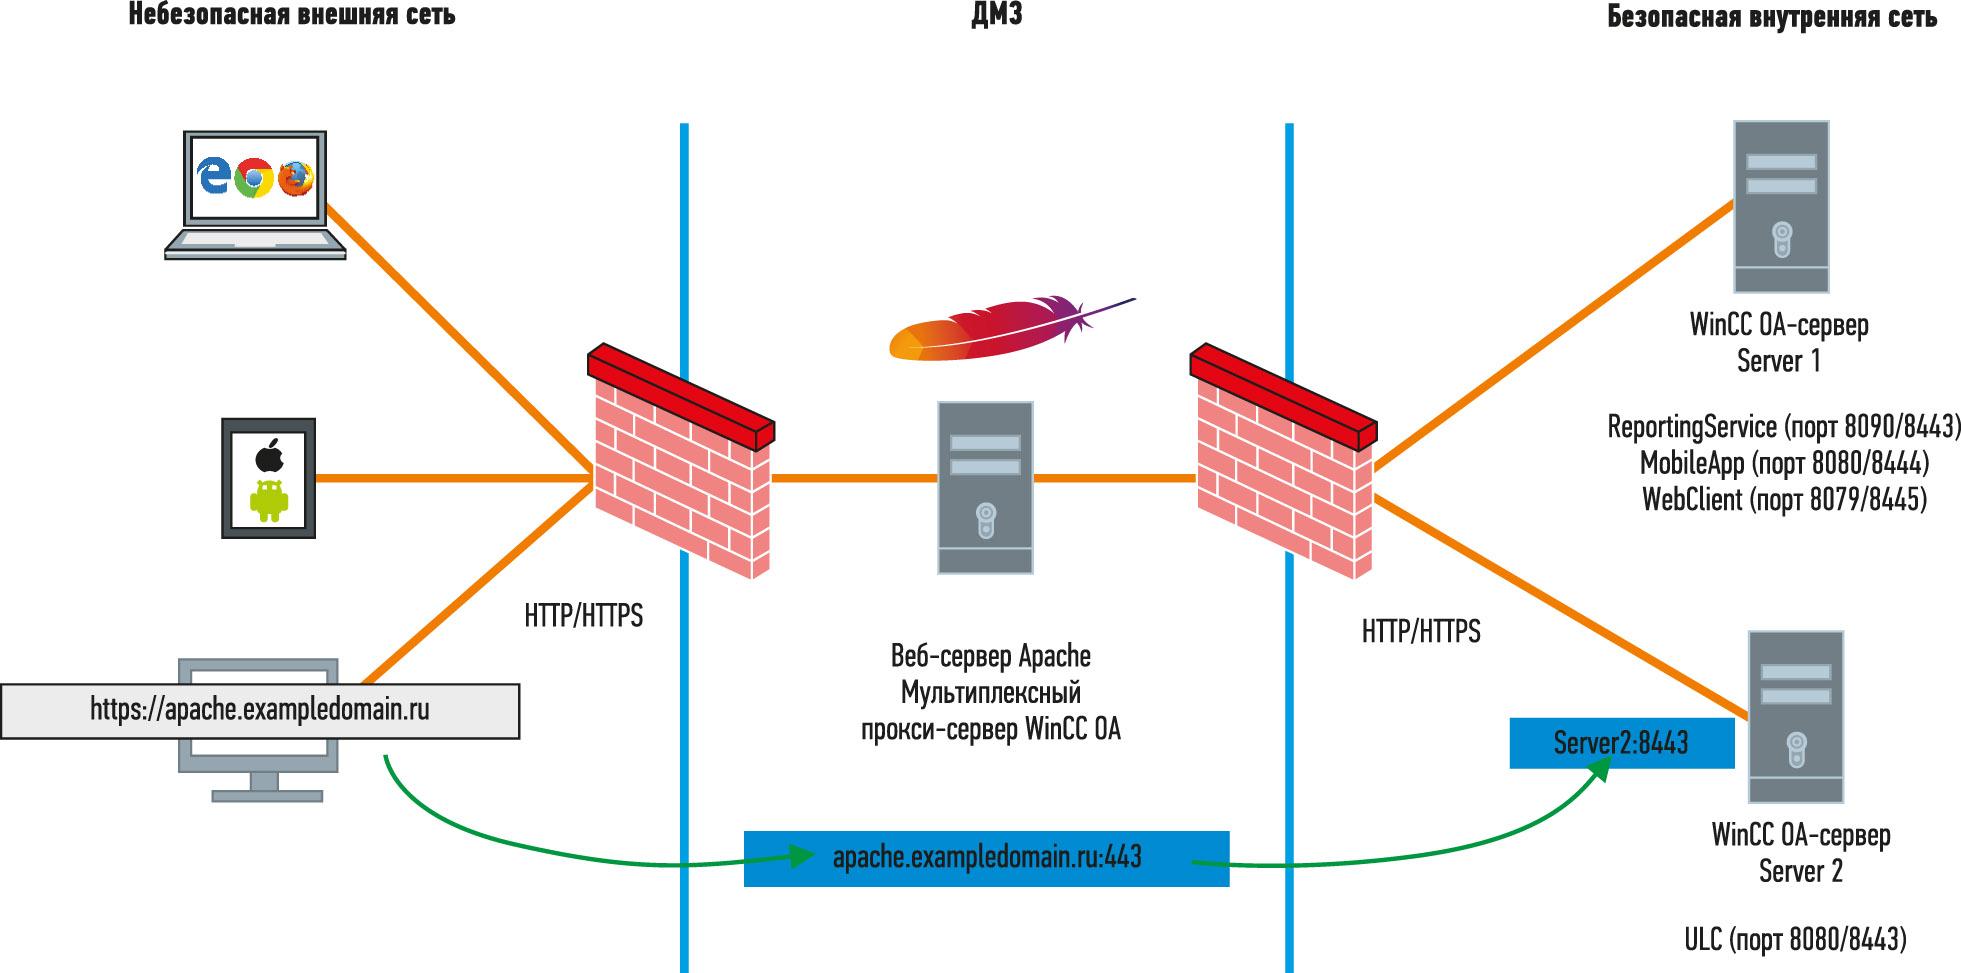 Рис. 9. Конфигурация системы с использованием веб-сервера Apache в качестве обратного прокси